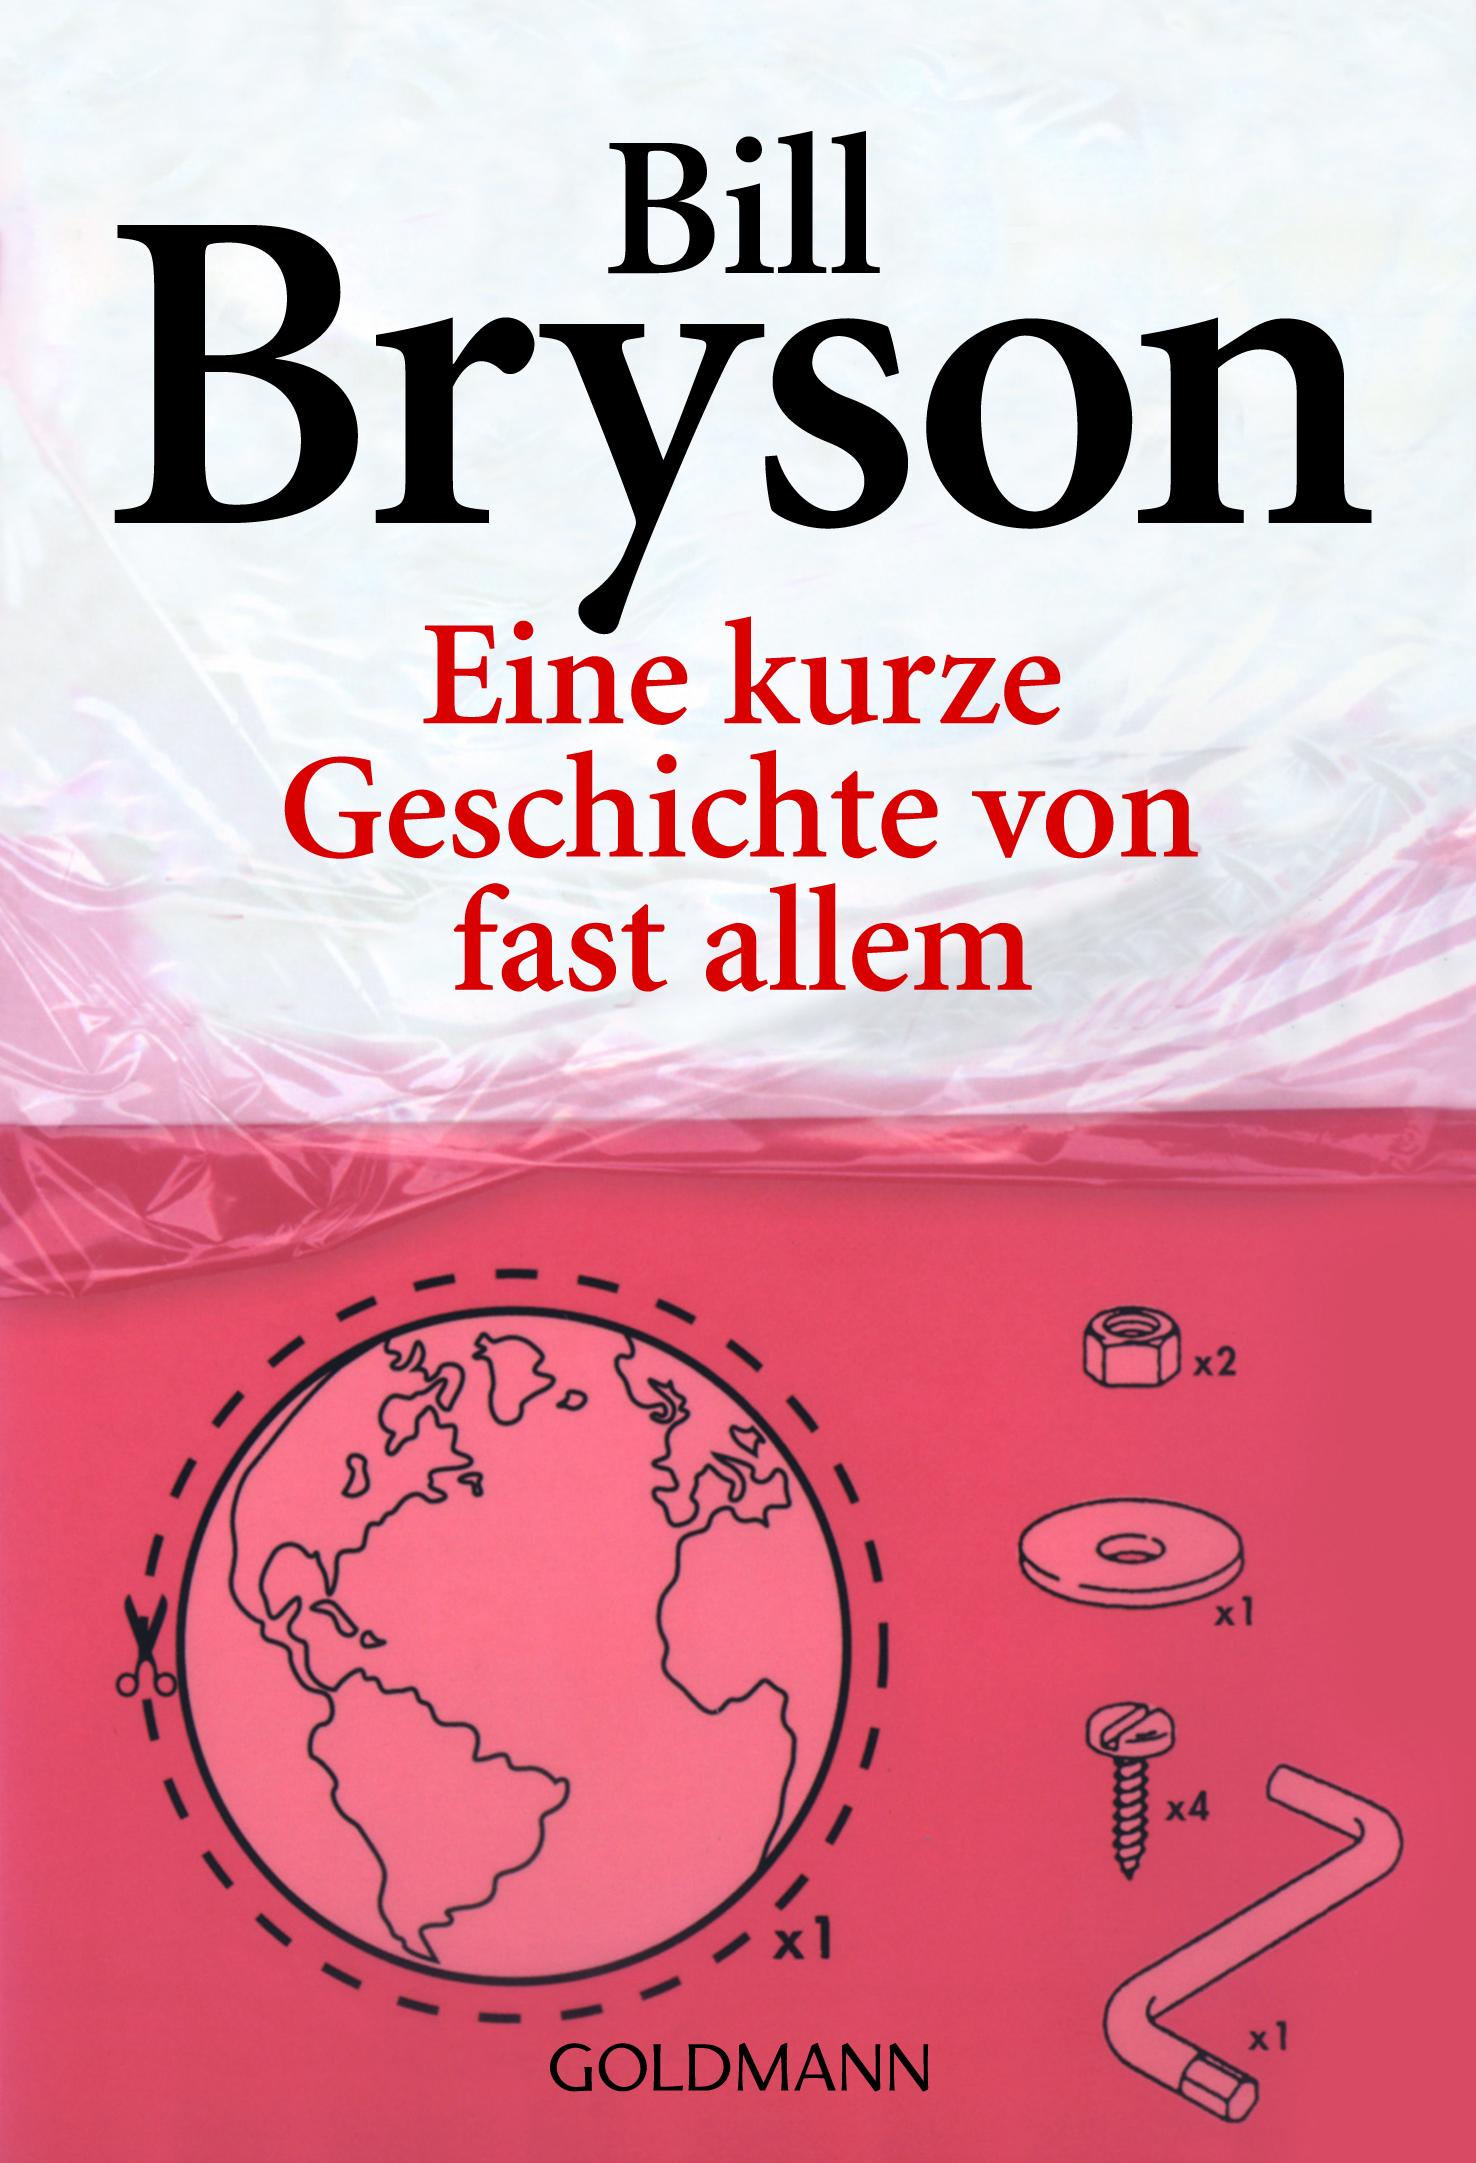 Urlaubslektüre: Eine kurze Geschichte von fast allem von Bill Bryson